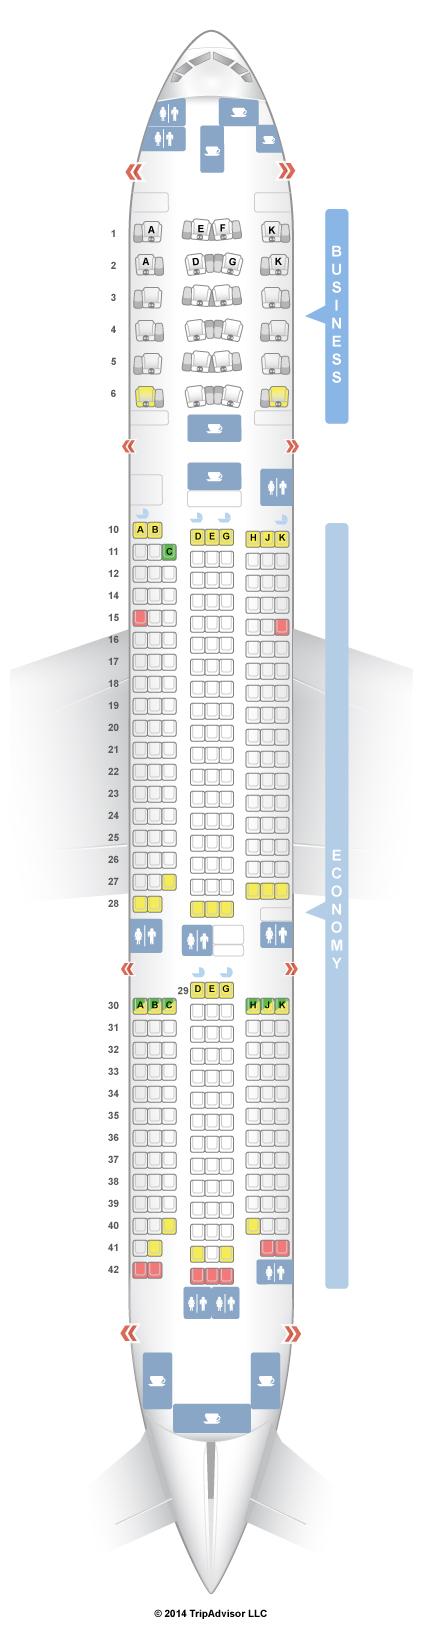 Eurostar Seat Map Coach 18 | Brokeasshome.com